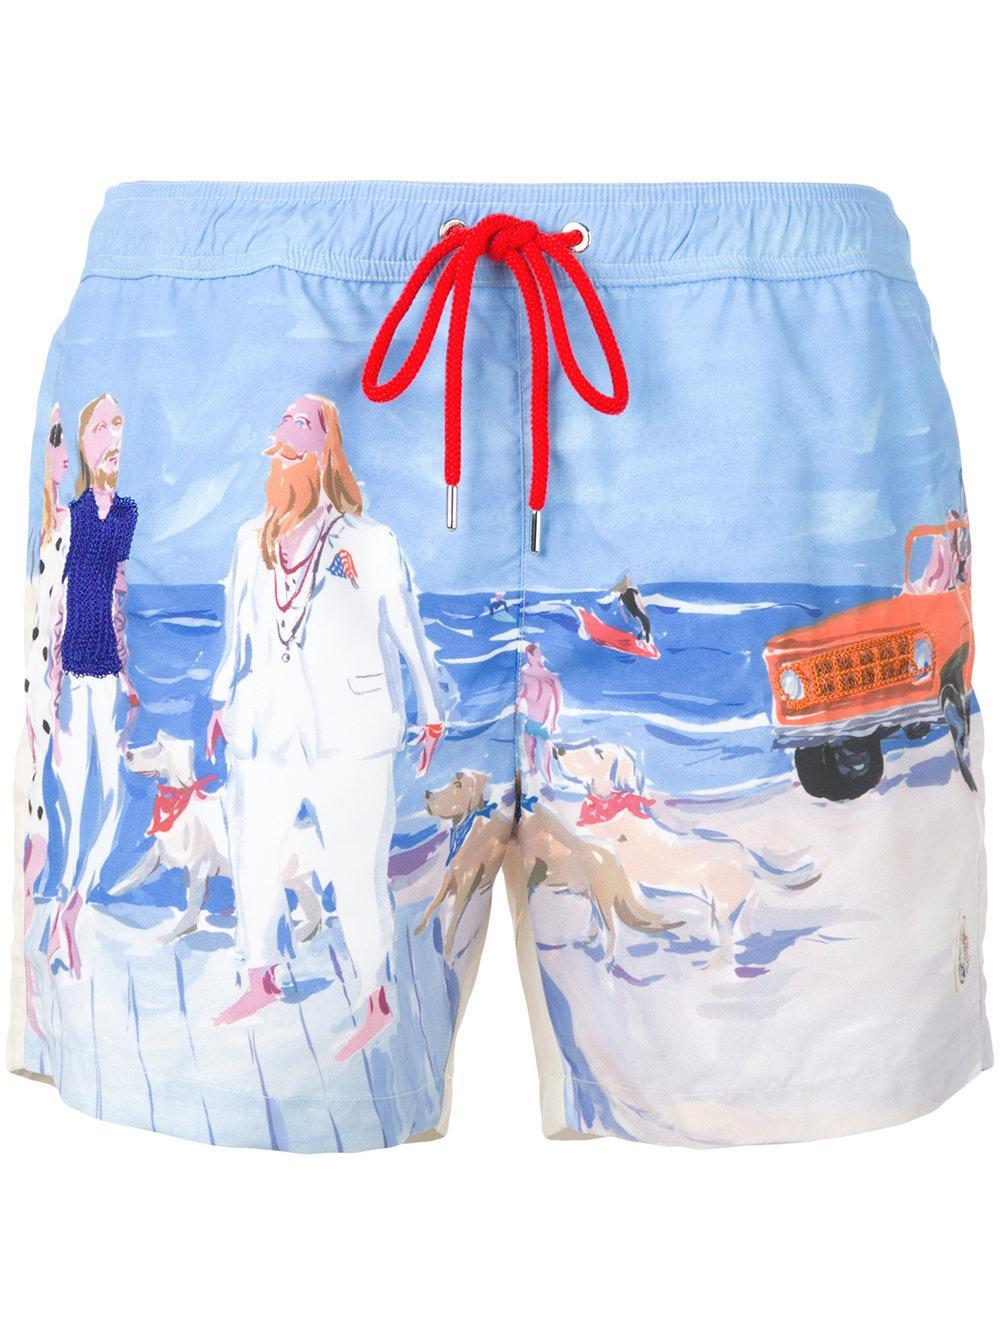 lyst moncler printed track shorts in blue for men. Black Bedroom Furniture Sets. Home Design Ideas